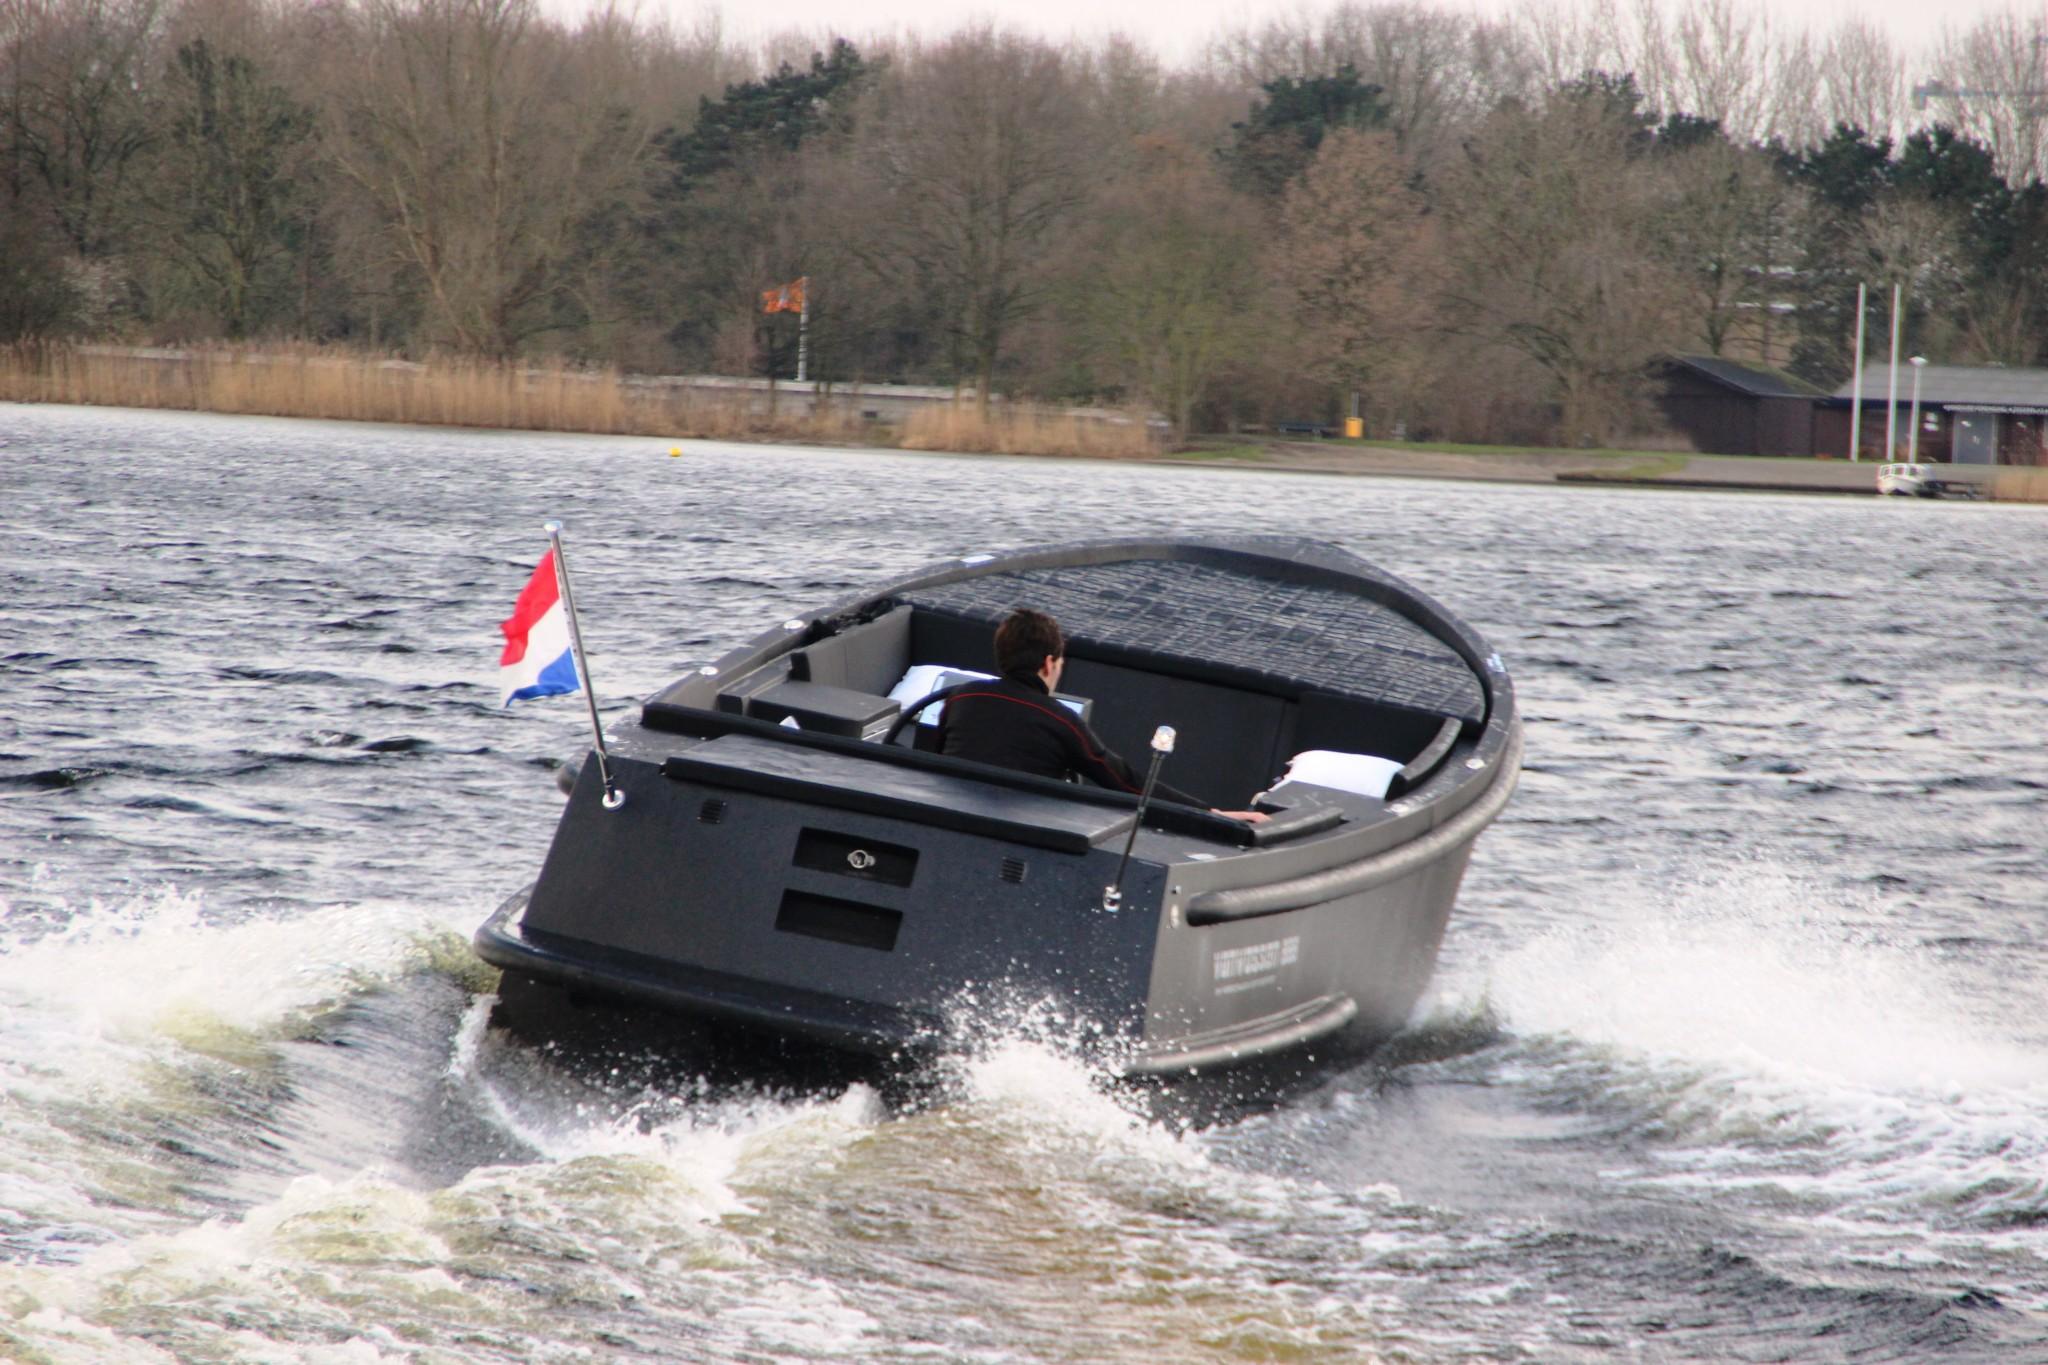 Van Vossen 888 tender